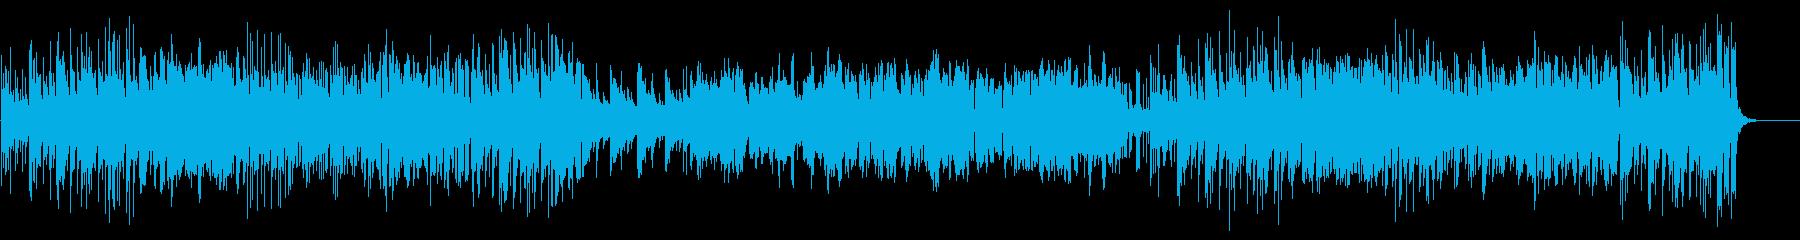 バンジョーとヴァイオリンのカントリーの再生済みの波形